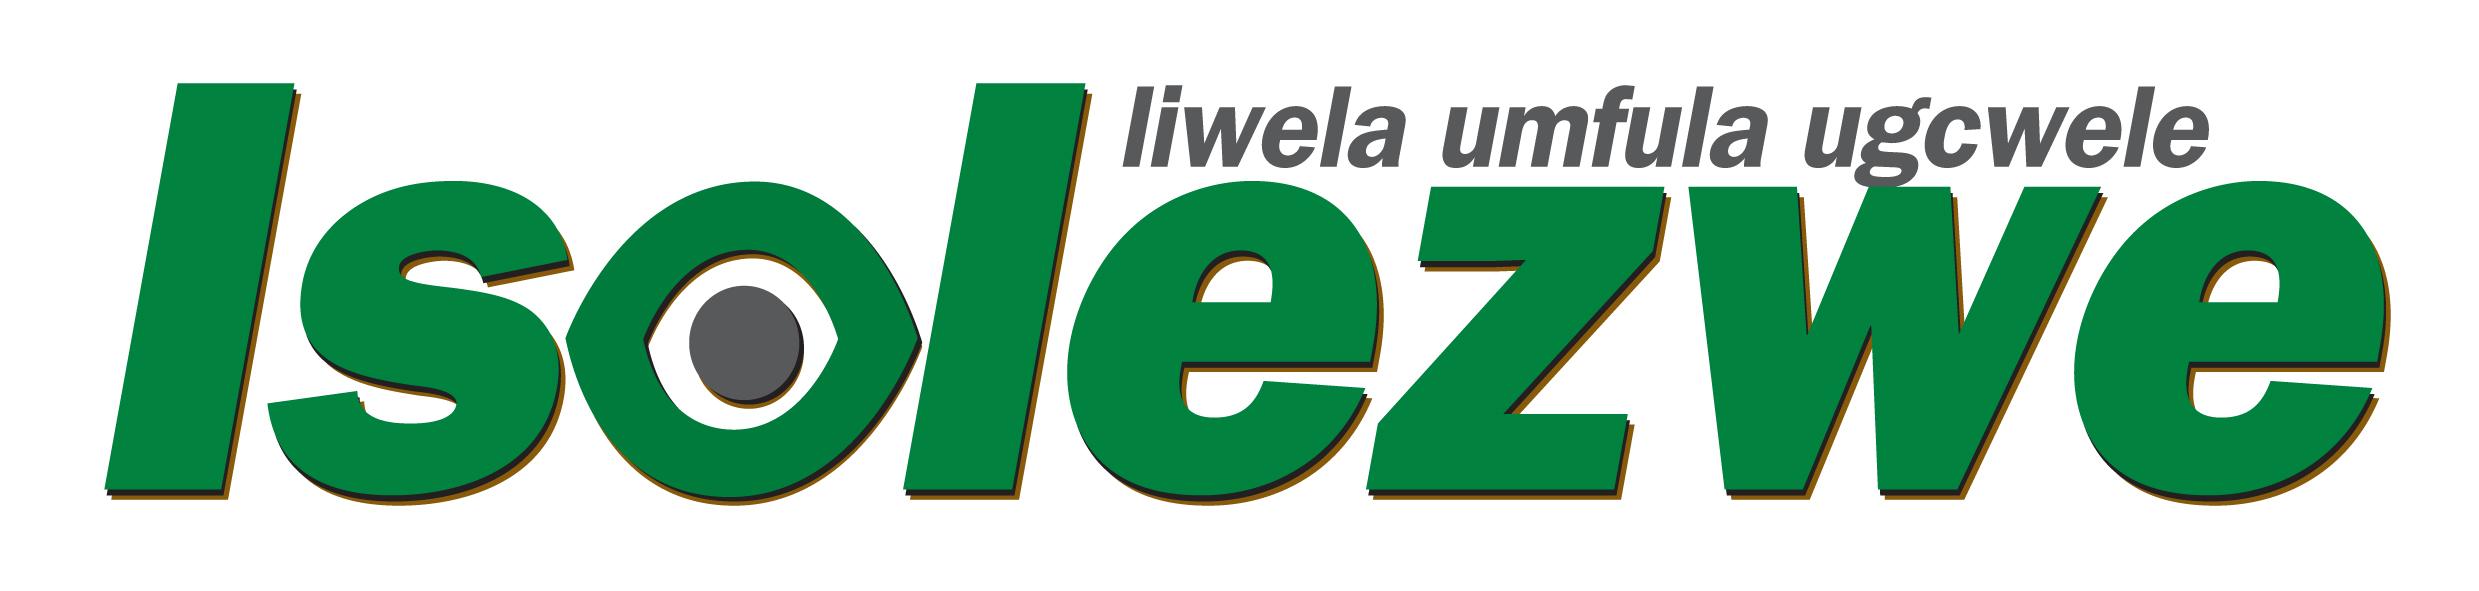 isolezwe logo (1)